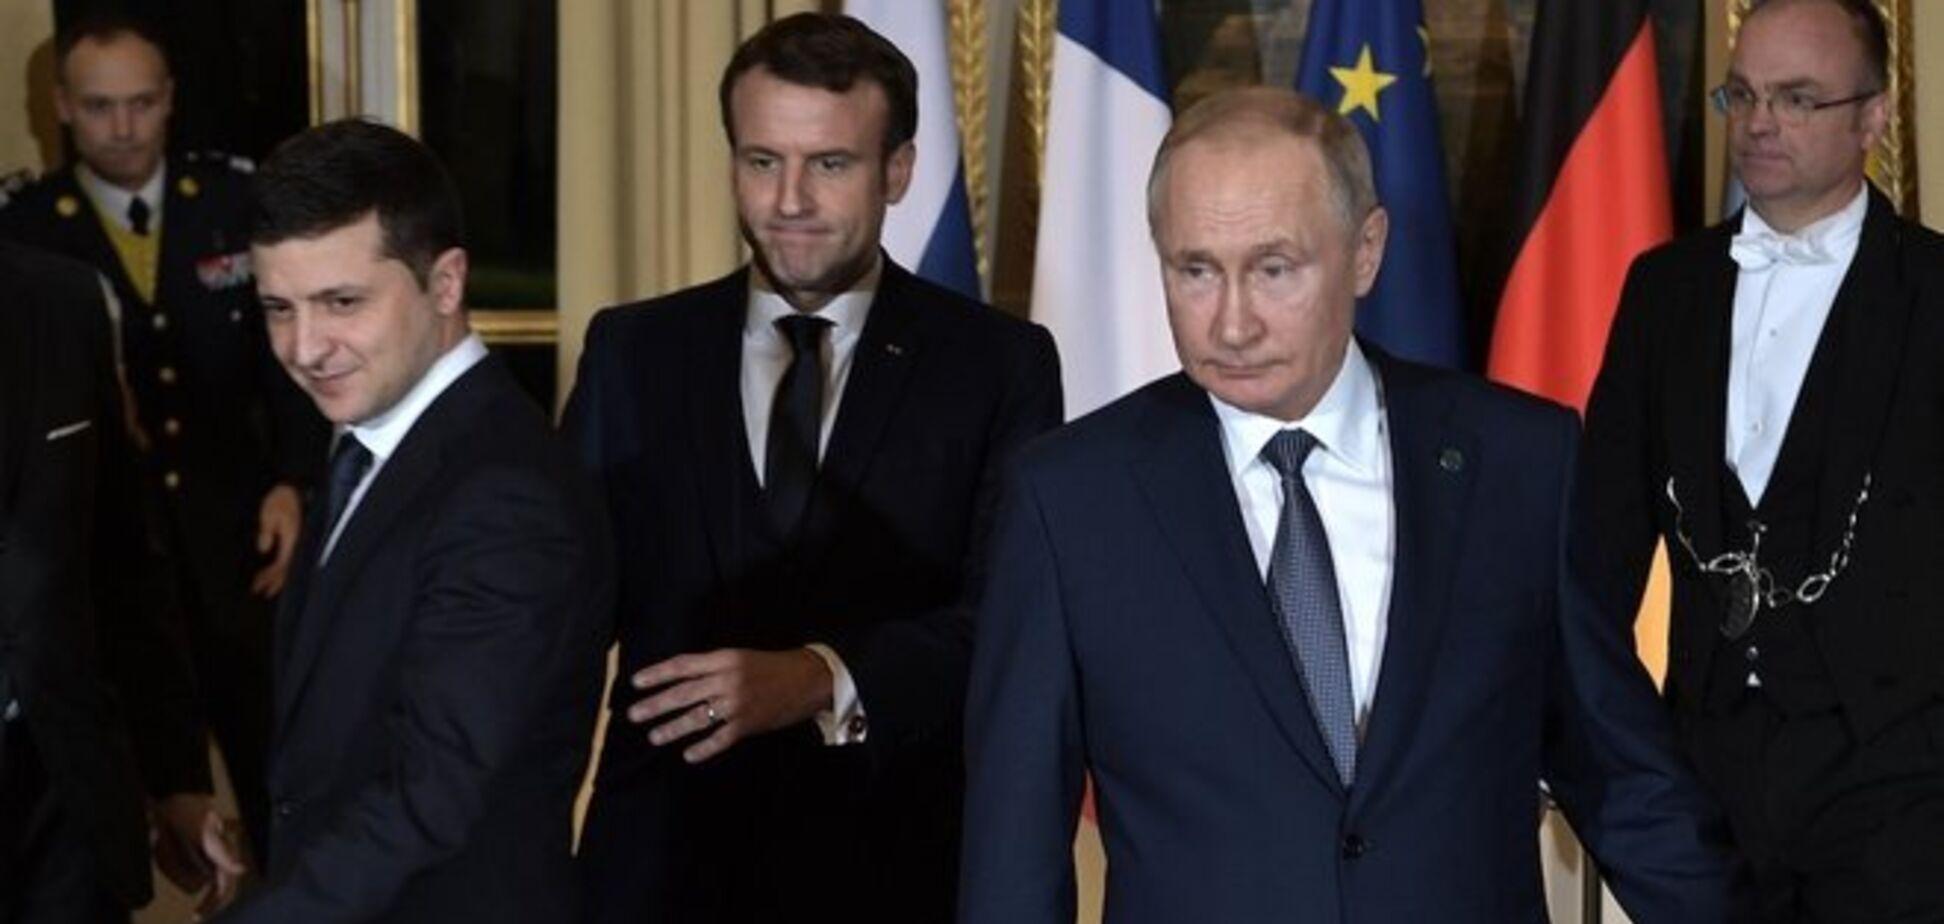 Лінії Маннергейма для України. Хто насправді переміг у Парижі?